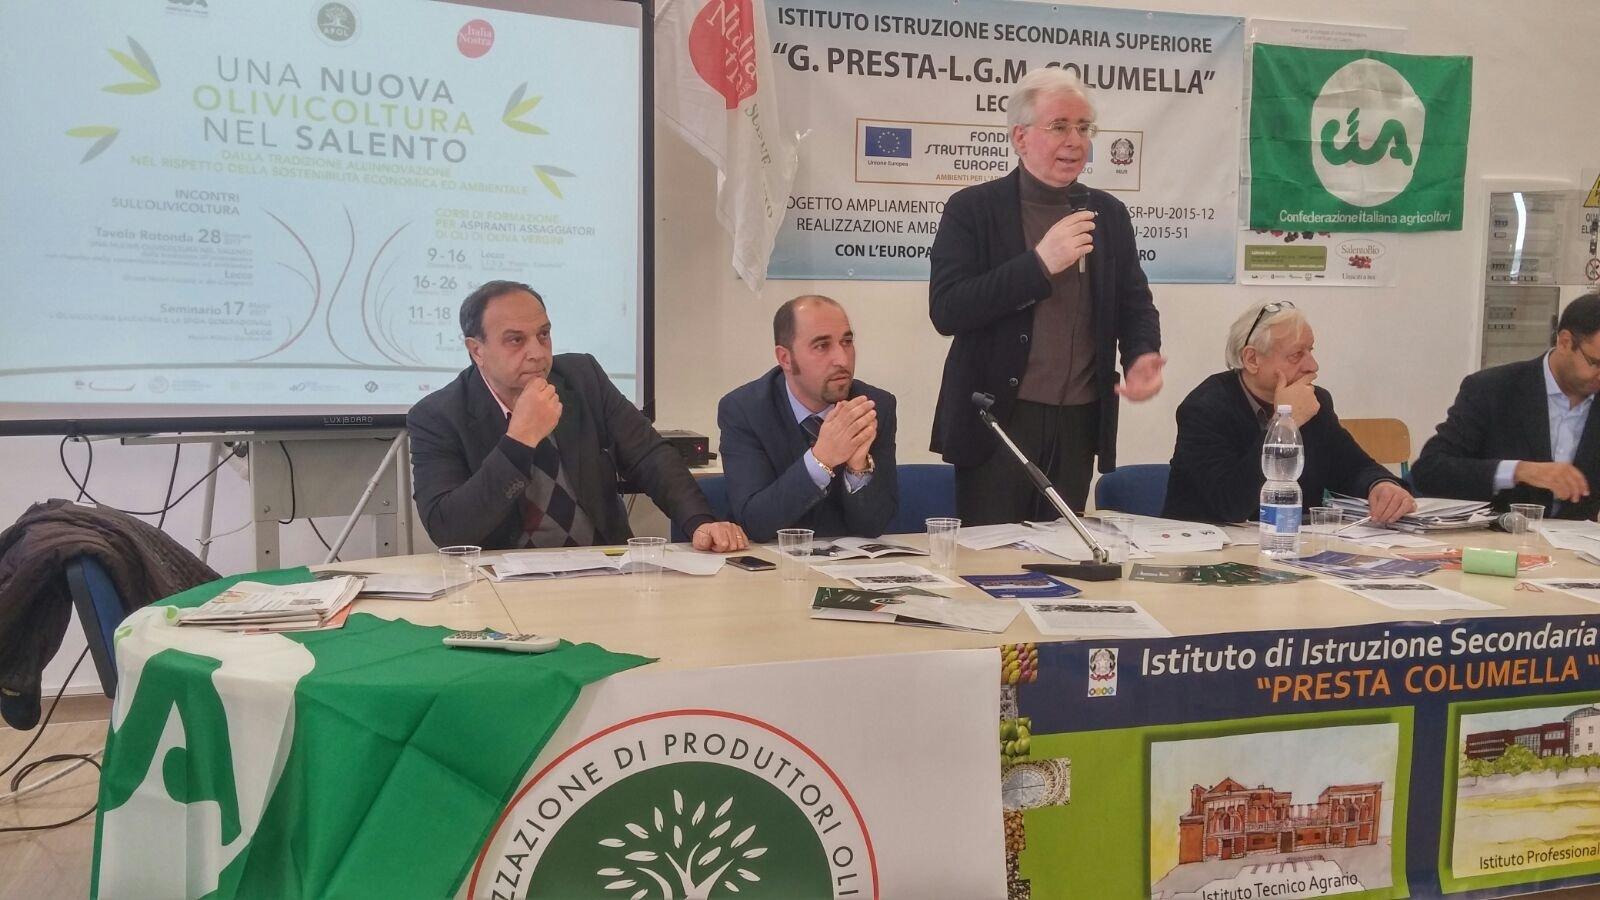 Il Salento verso una nuova olivicoltura: si apre la strada del rispetto della sostenibilità economica ed ambientale